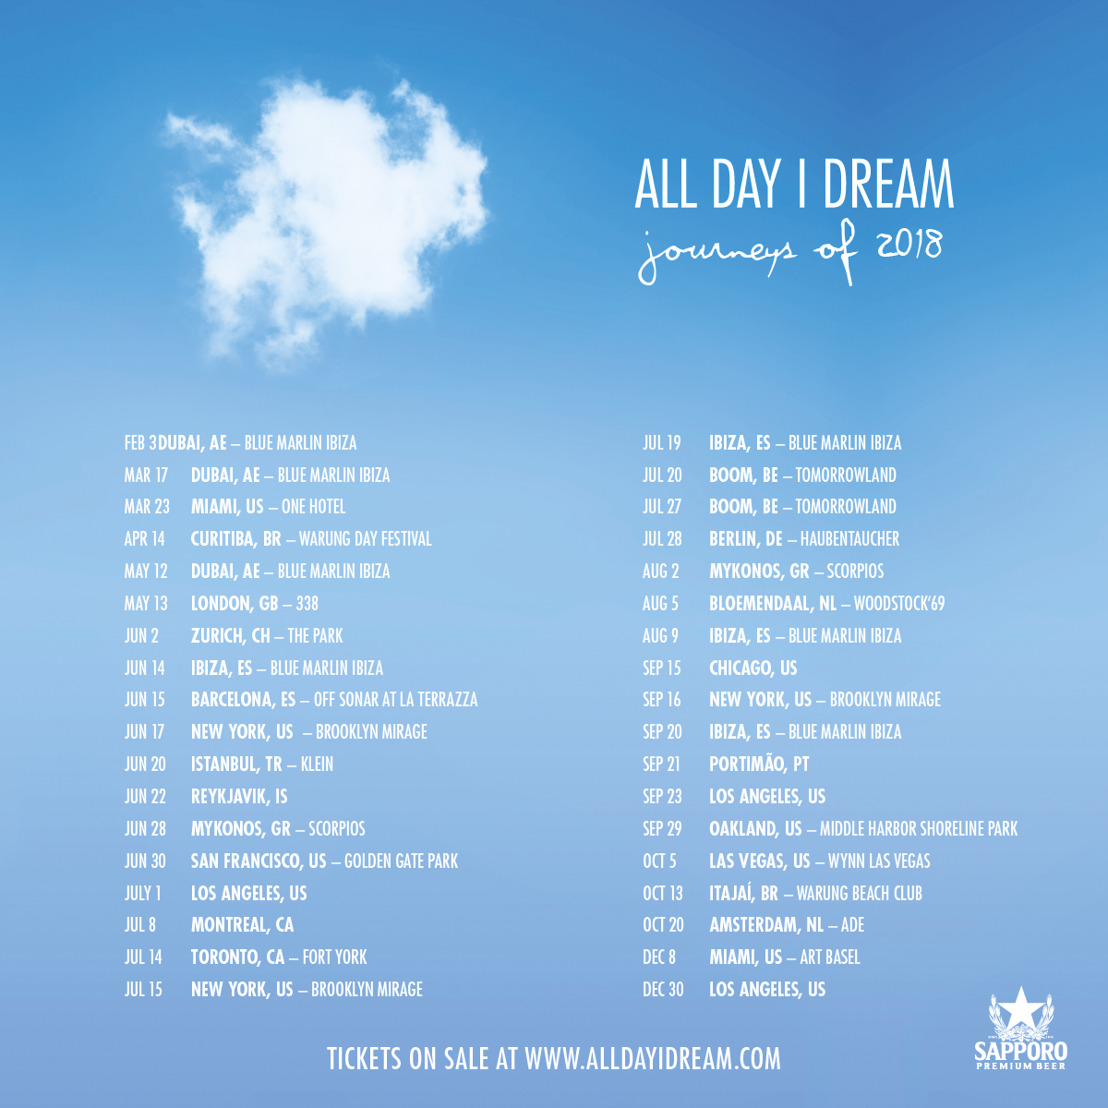 All Day I Dream Announces 2018 World Tour